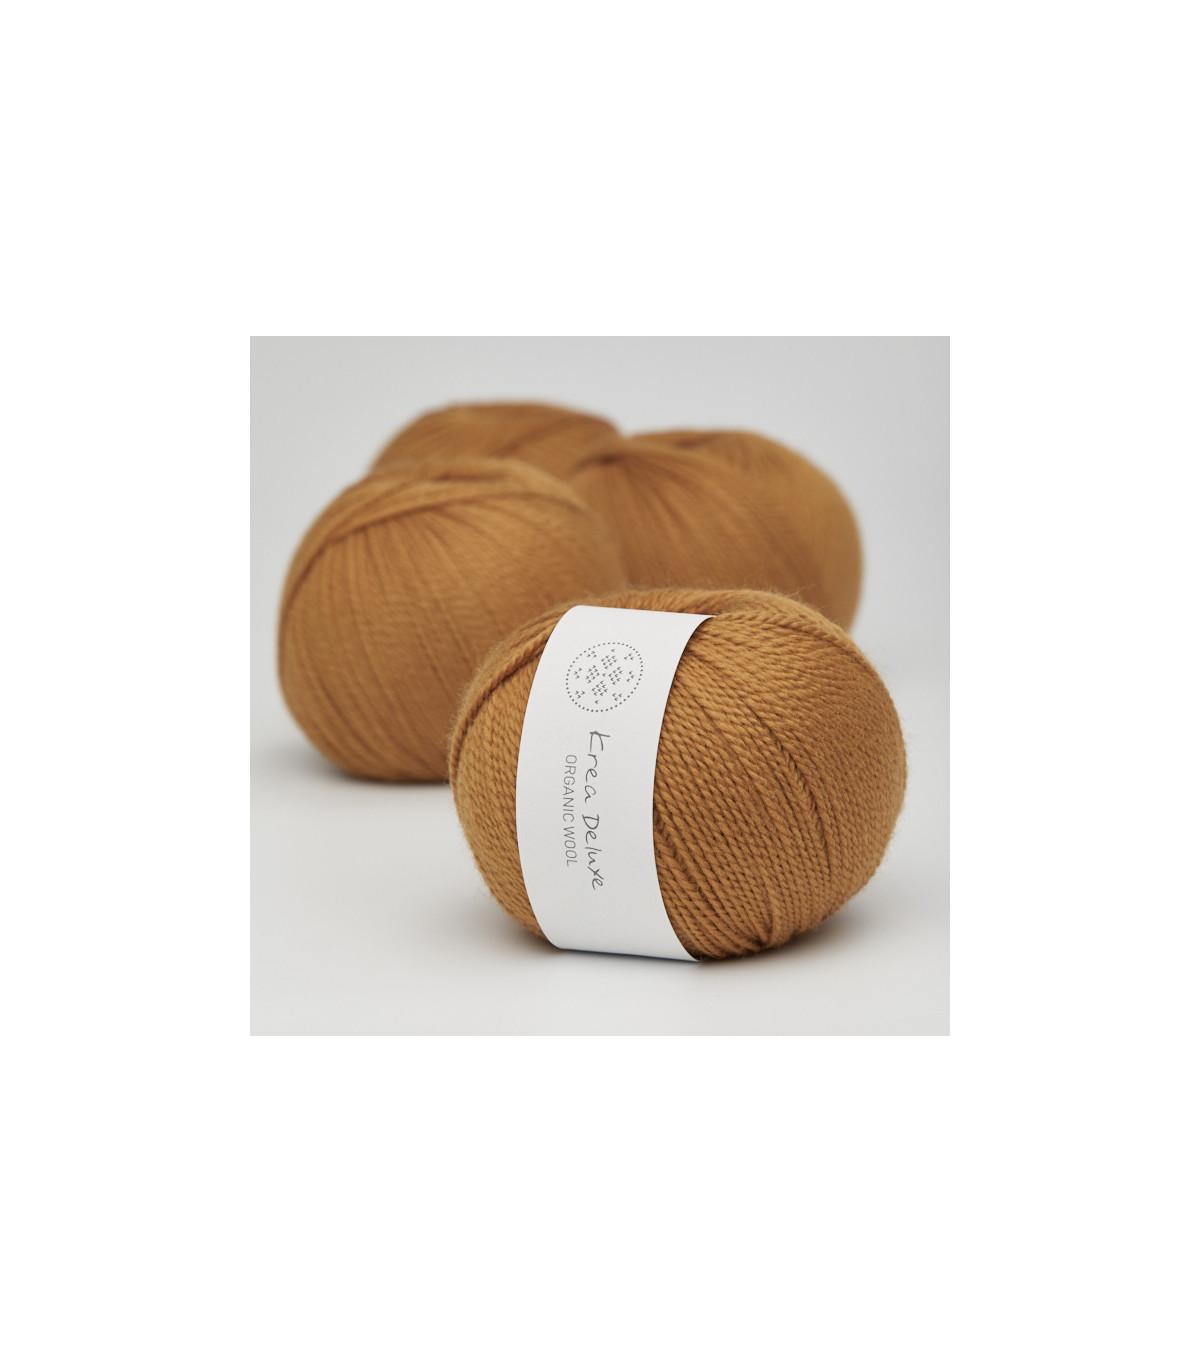 Wool 1 (Neu) - Krea Deluxe in der Farbe W 09 Curry Gelb